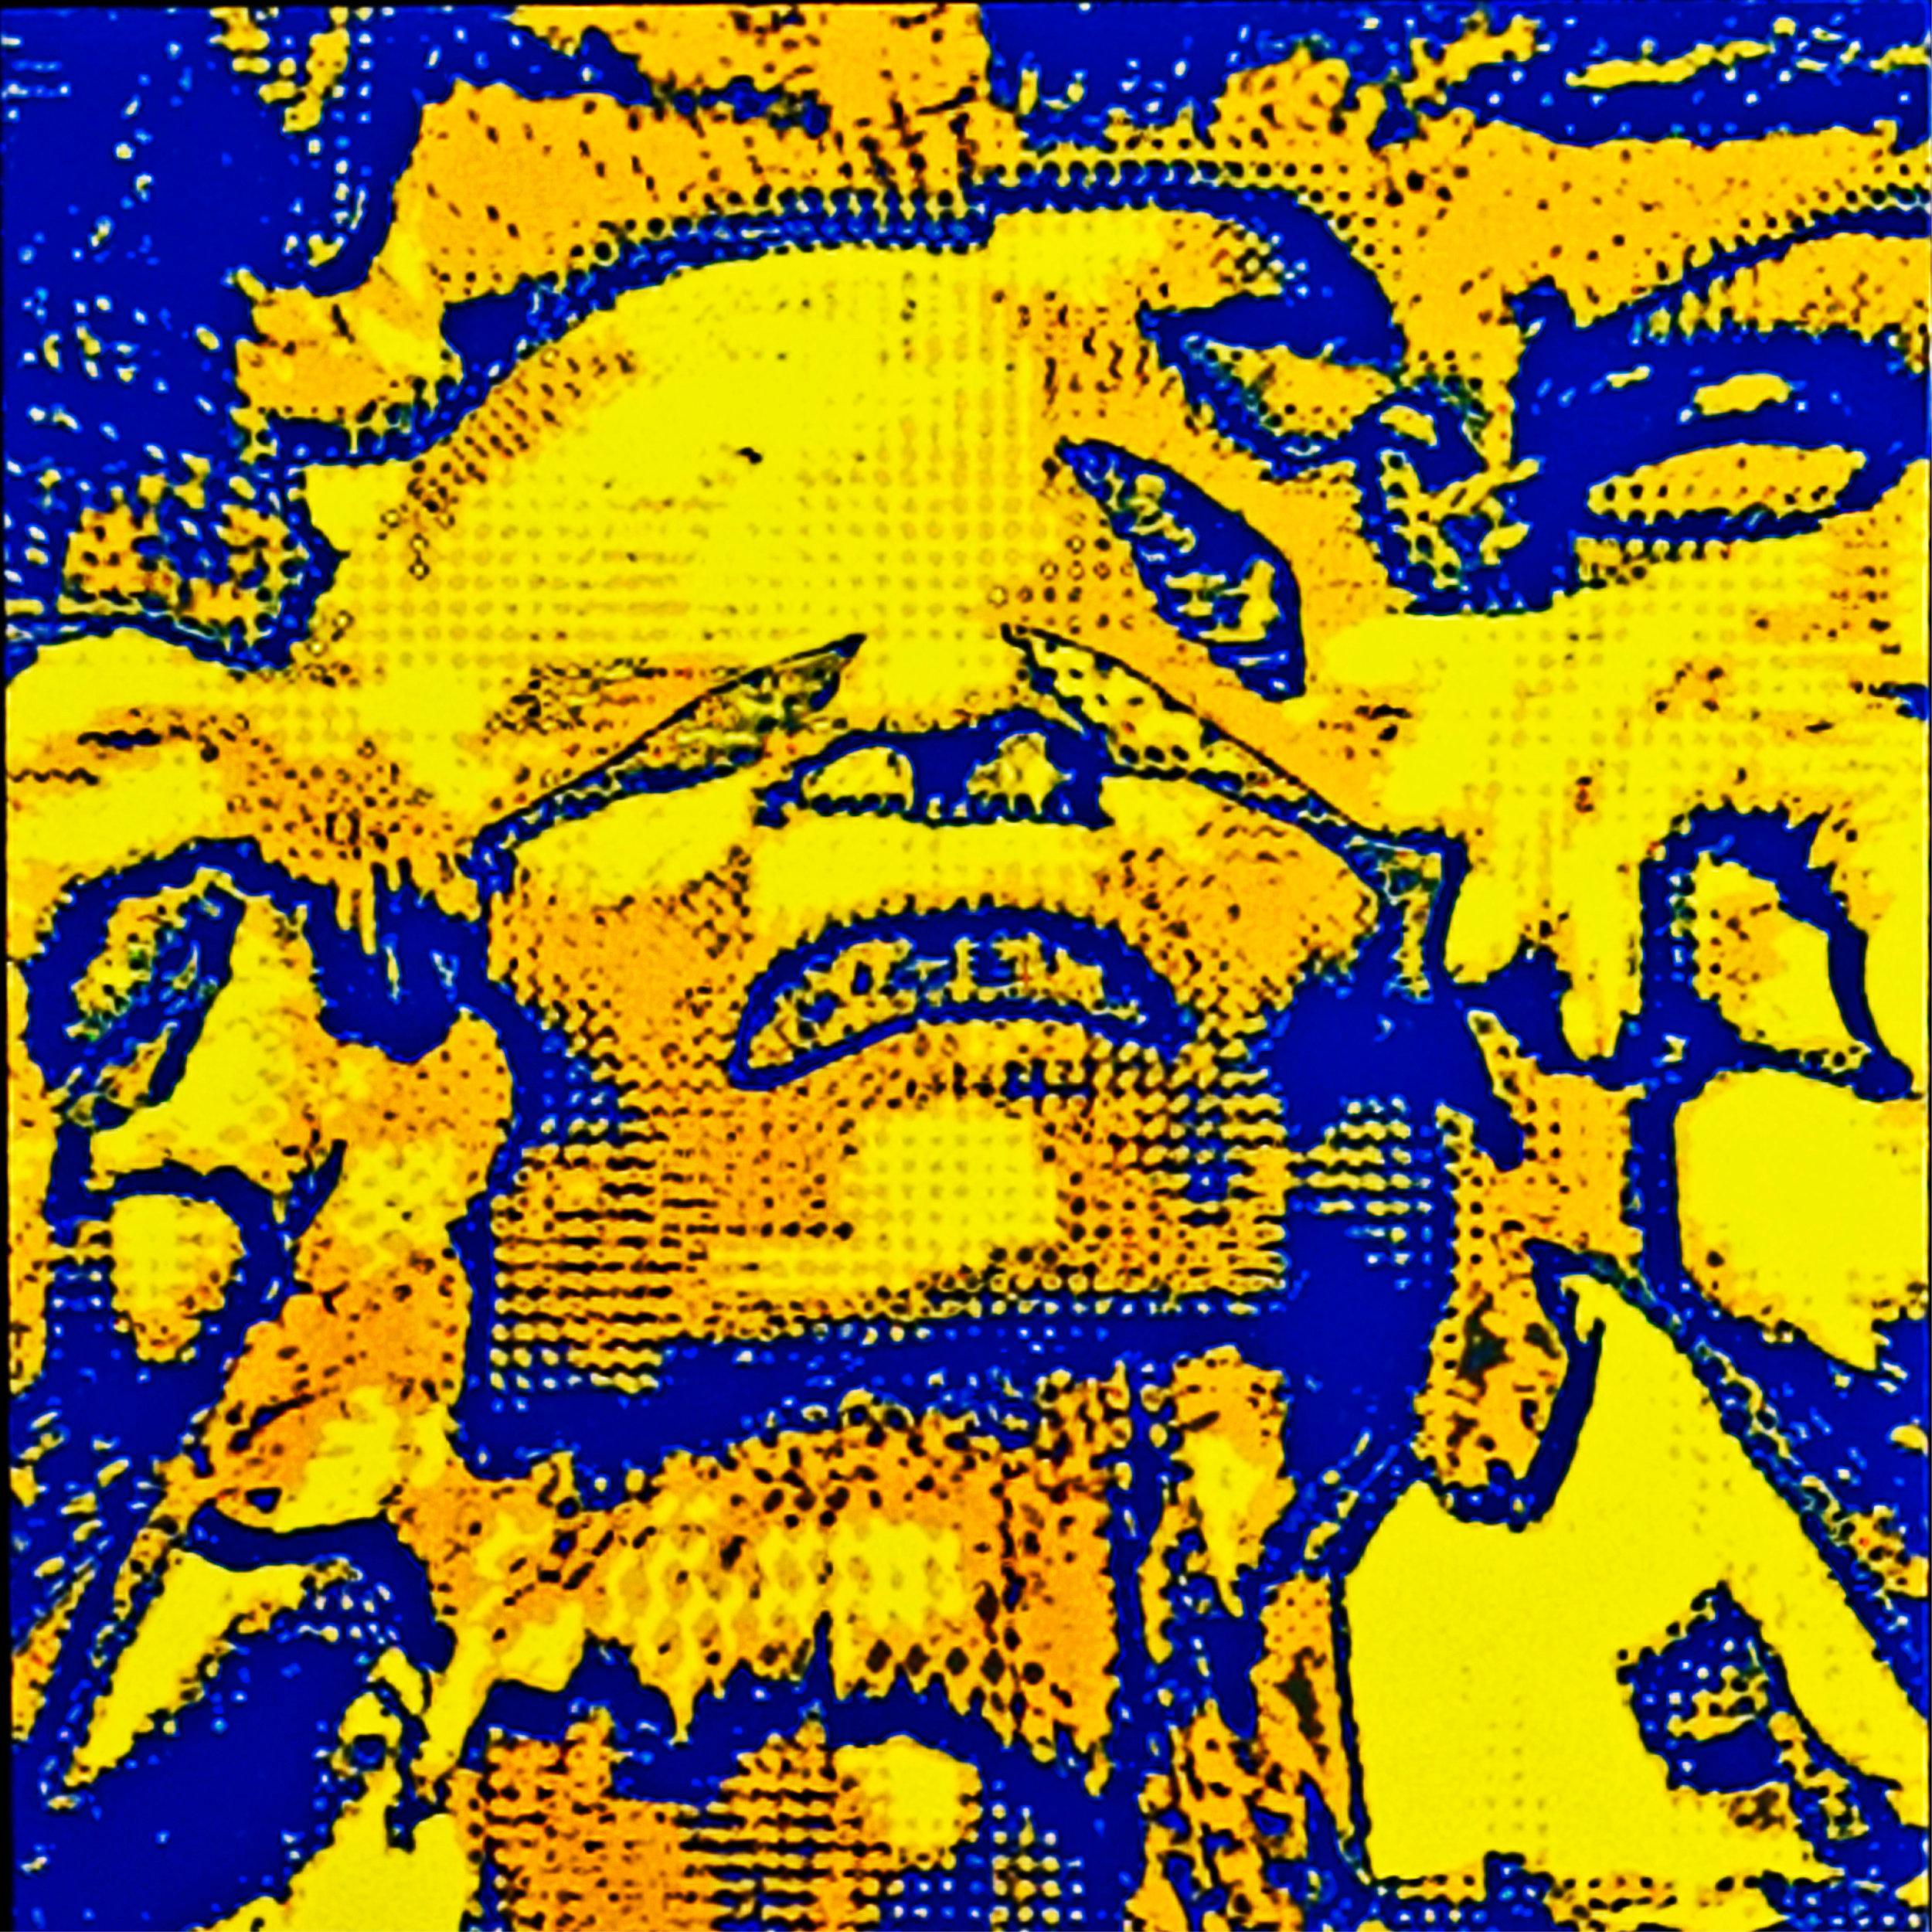 Total Eclipse - 1997 - illustration/digital manipulation